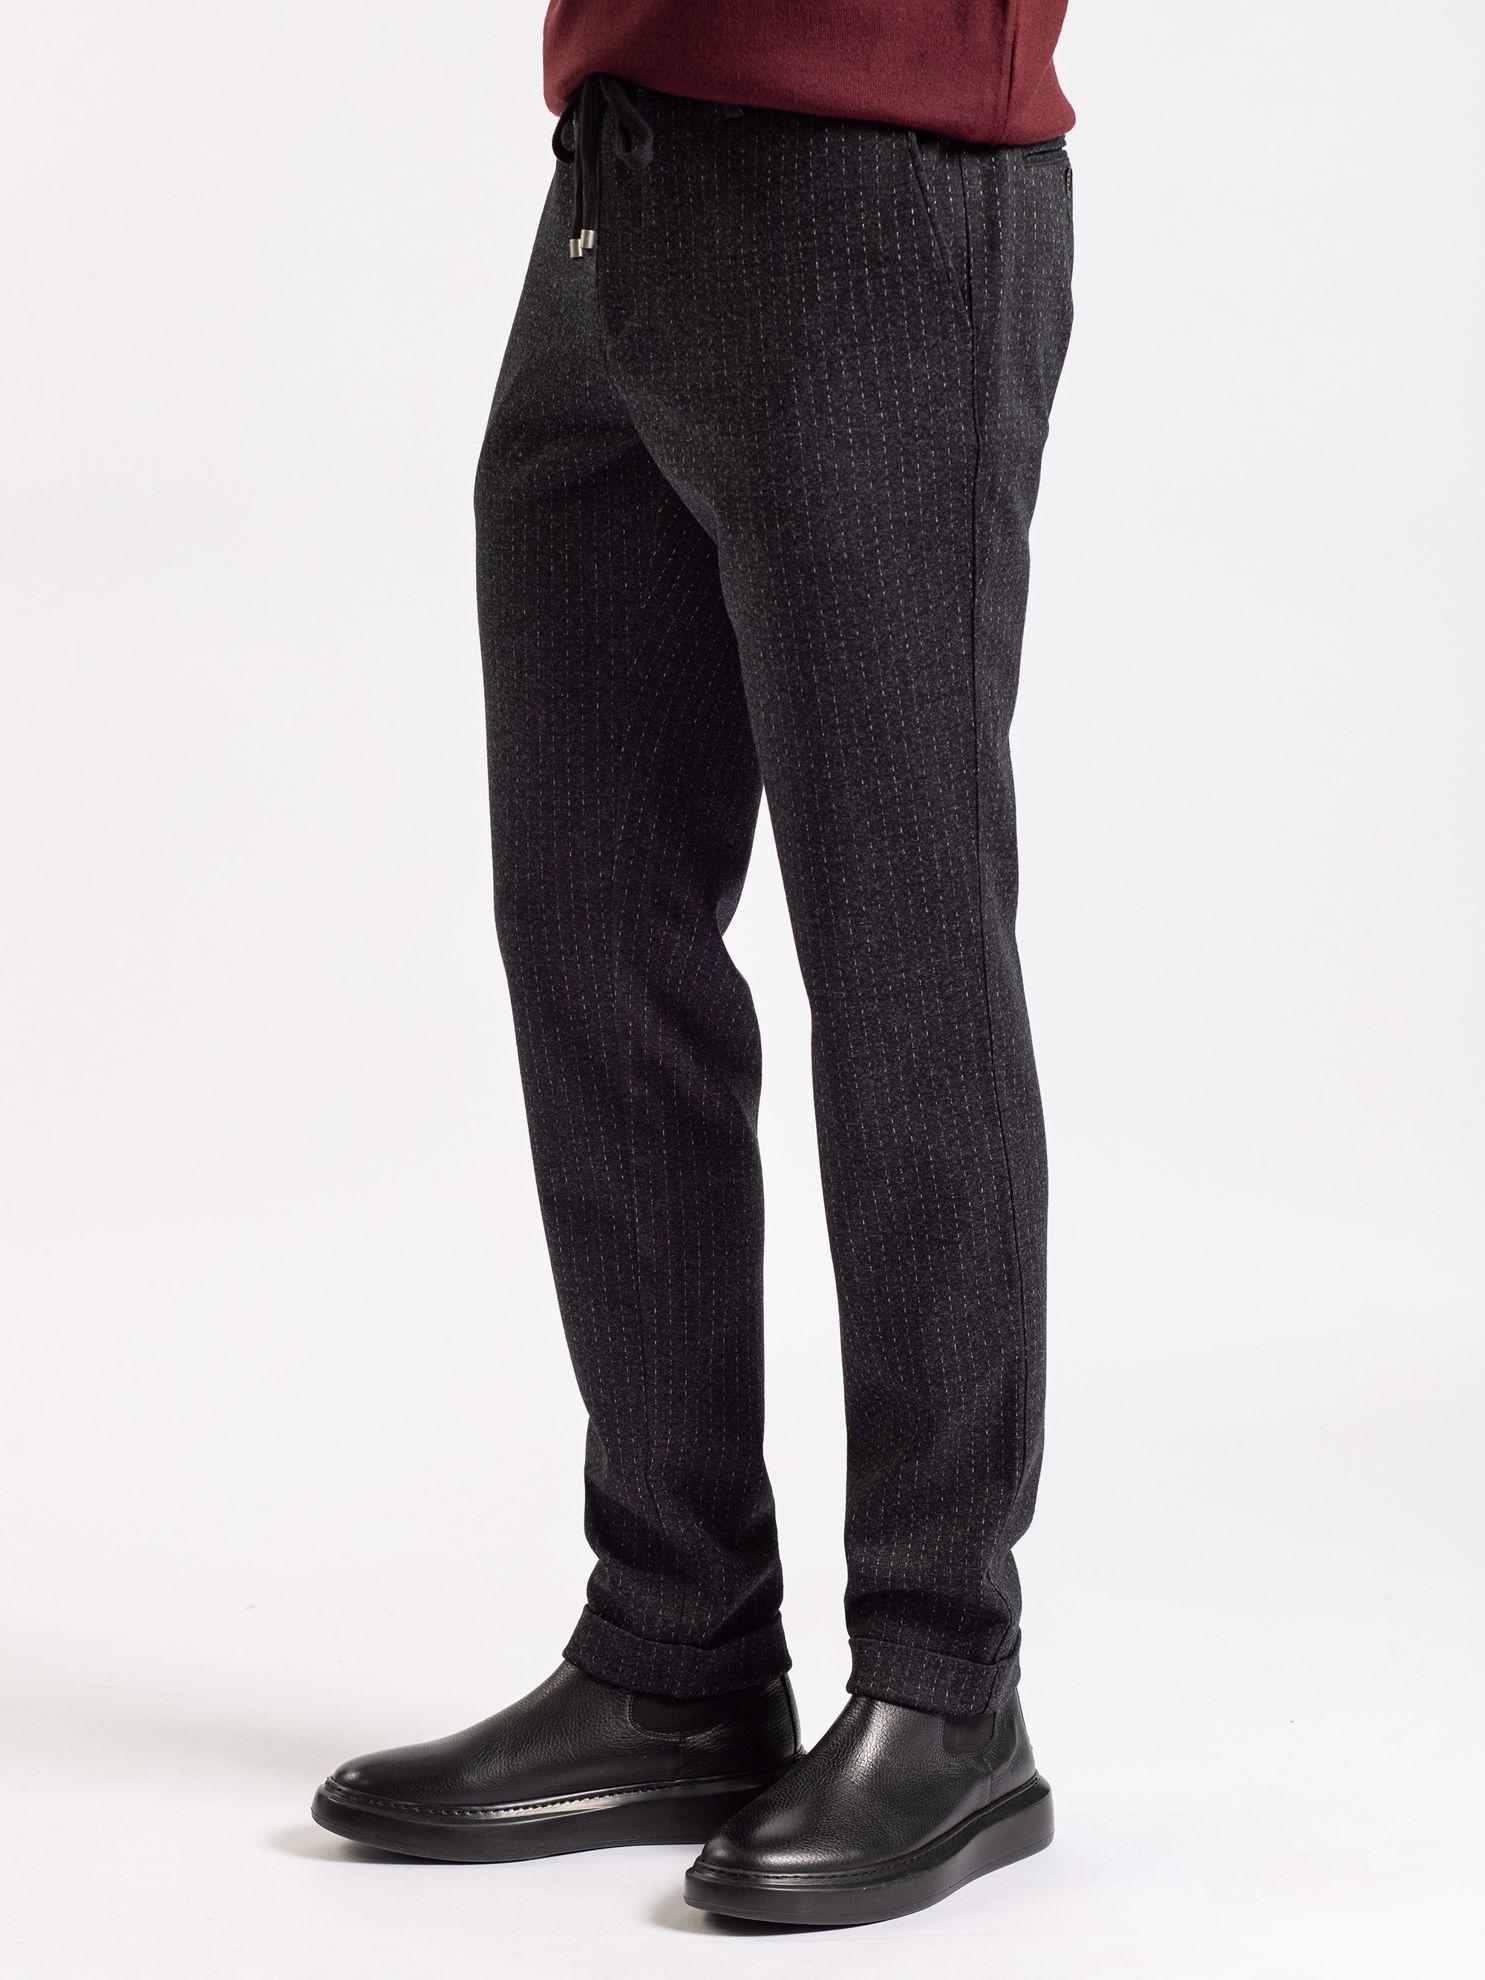 Toss Erkek 6 Drop Pantolon-Siyah. ürün görseli